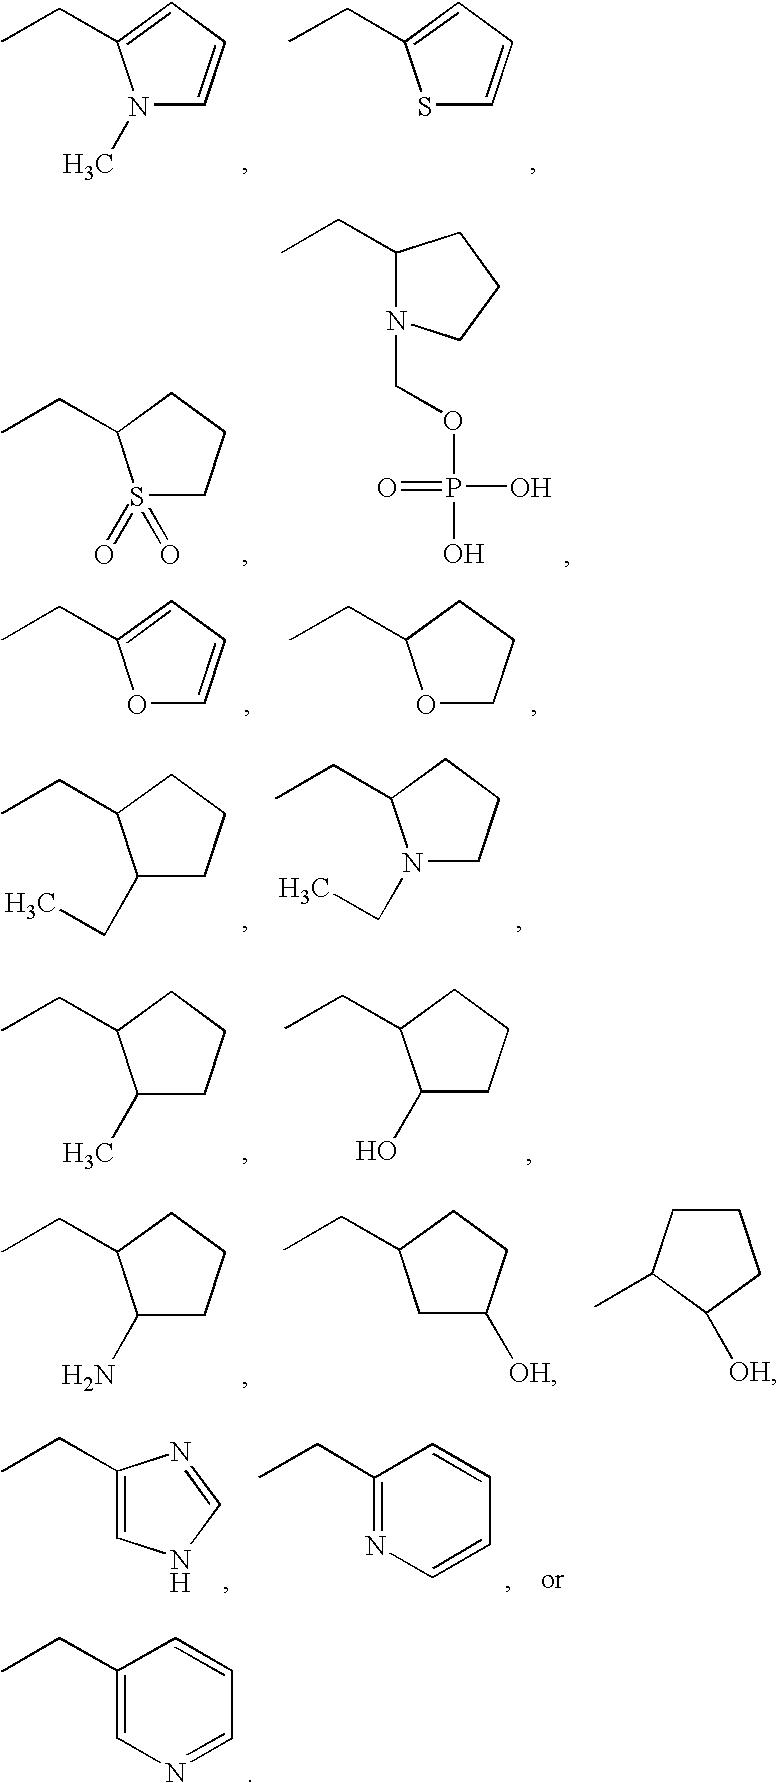 Figure US20050113341A1-20050526-C00107